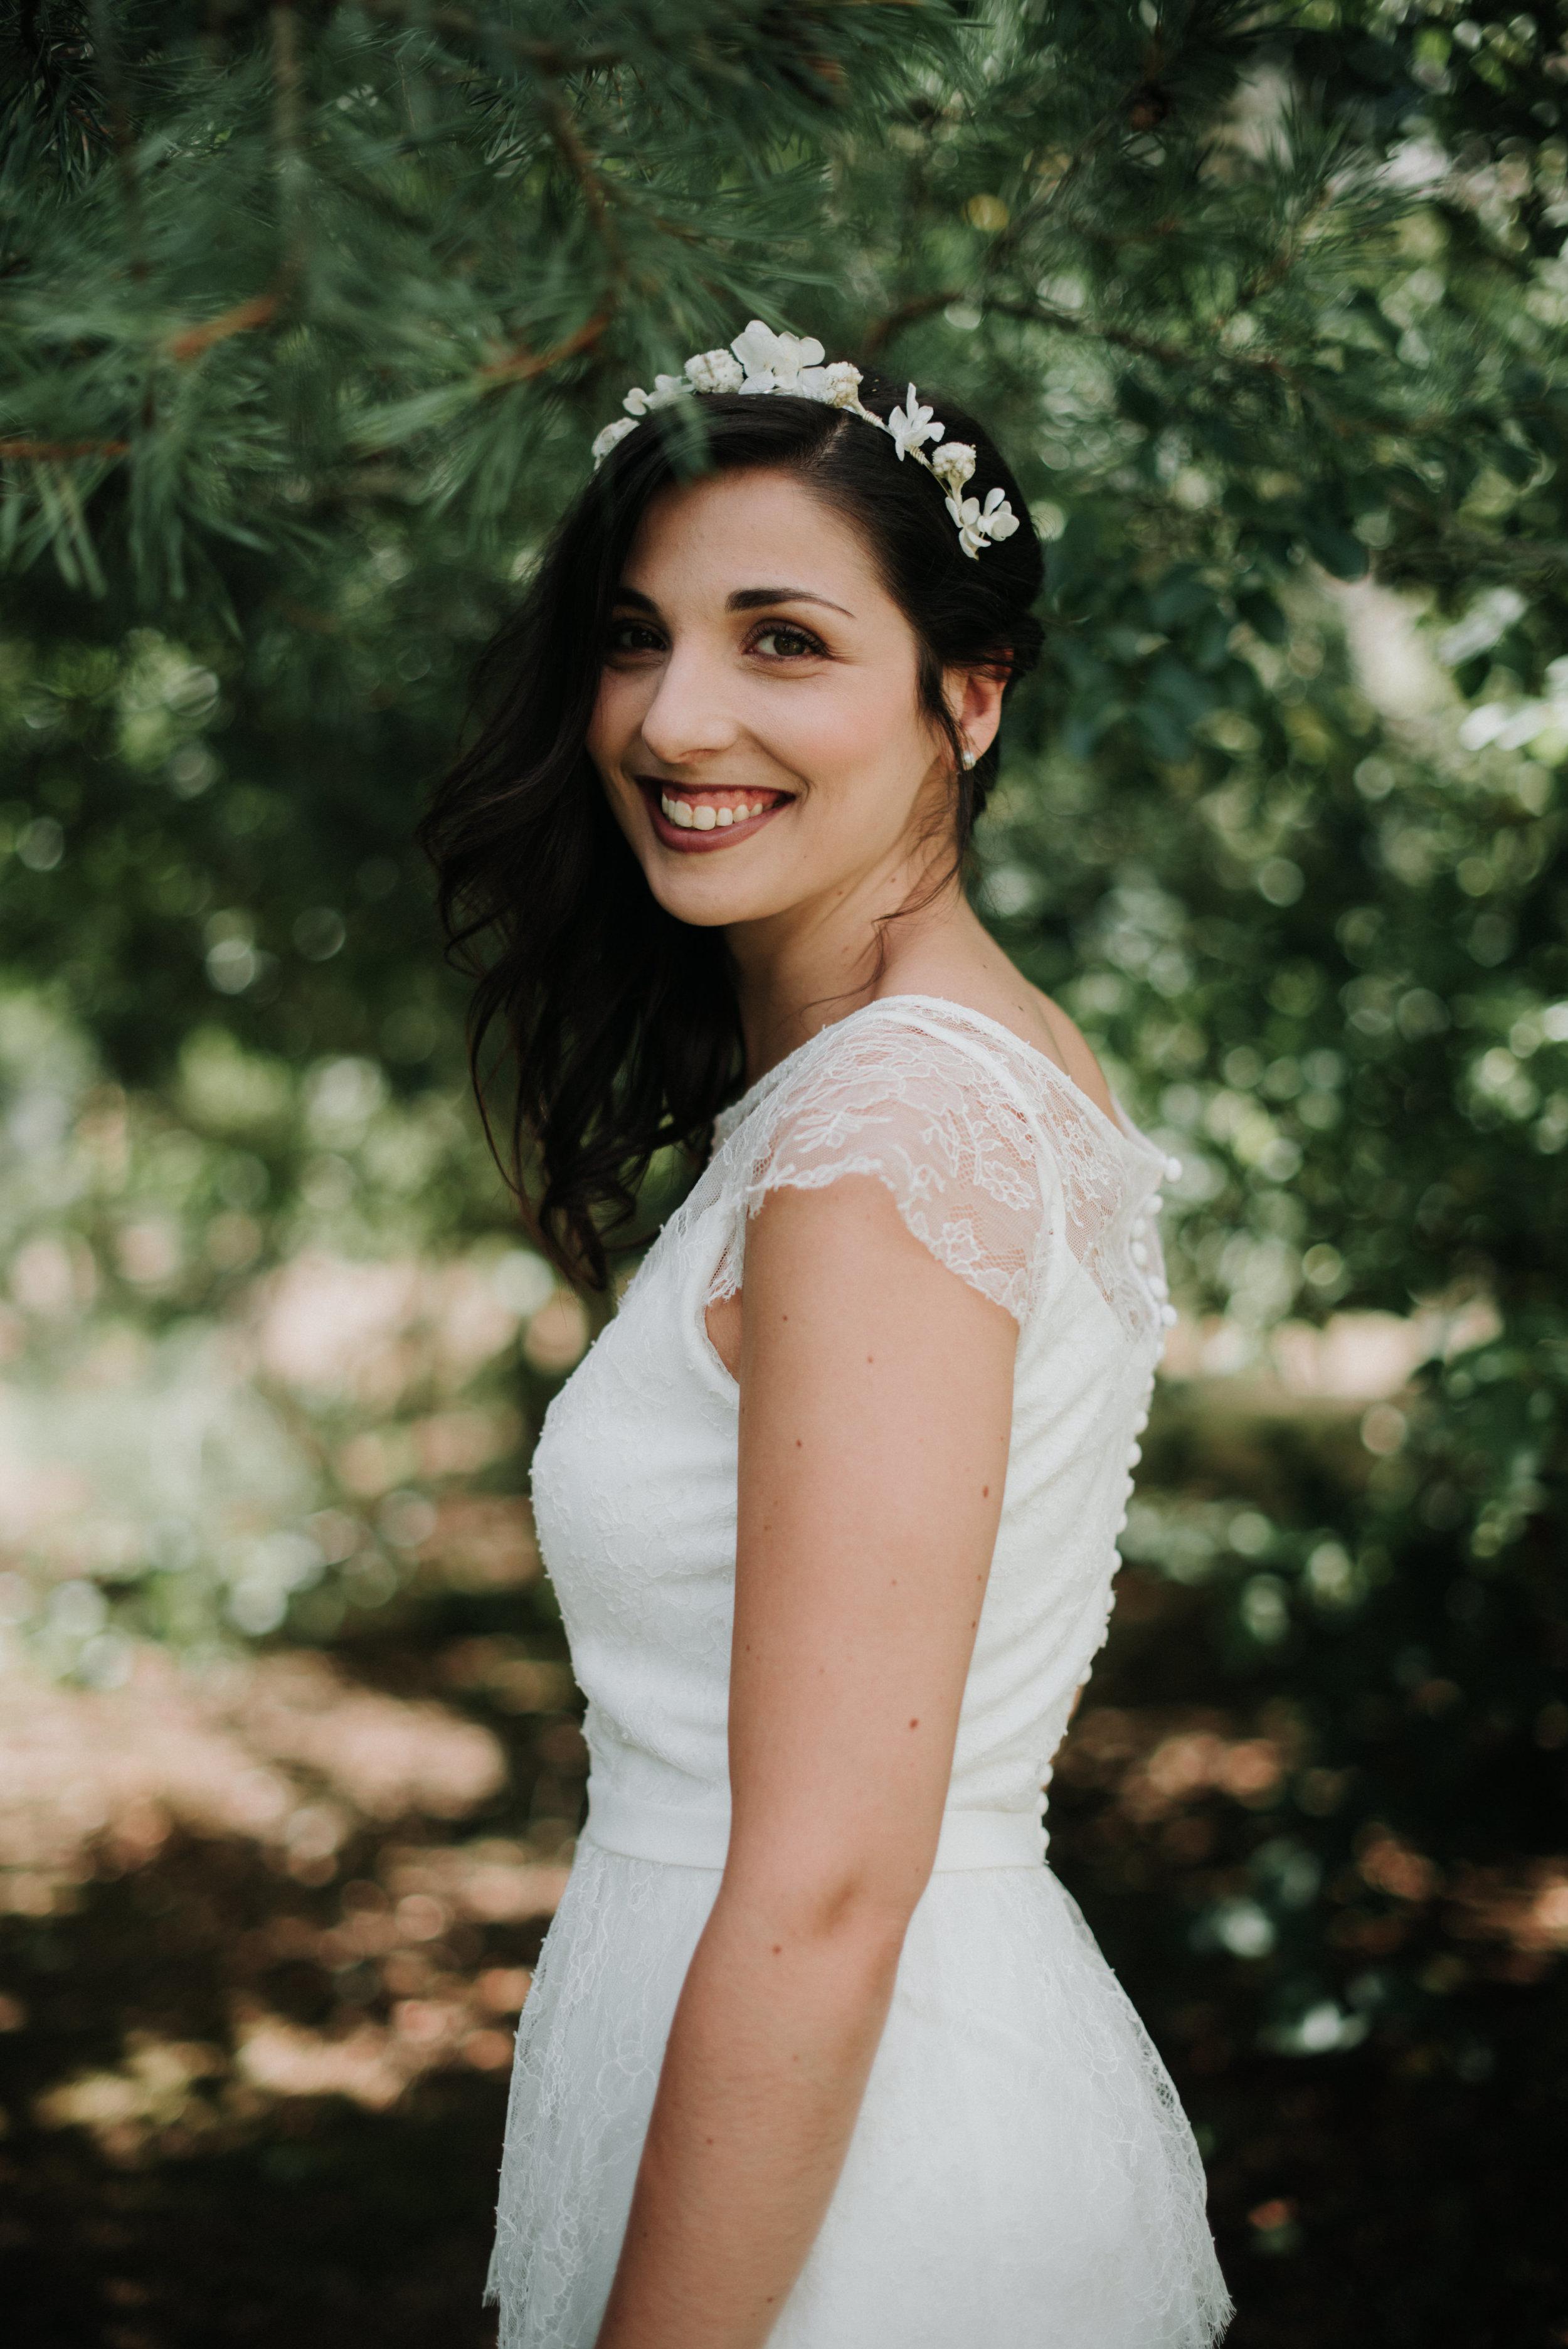 Léa-Fery-photographe-professionnel-lyon-rhone-alpes-portrait-creation-mariage-evenement-evenementiel-famille-8537.jpg